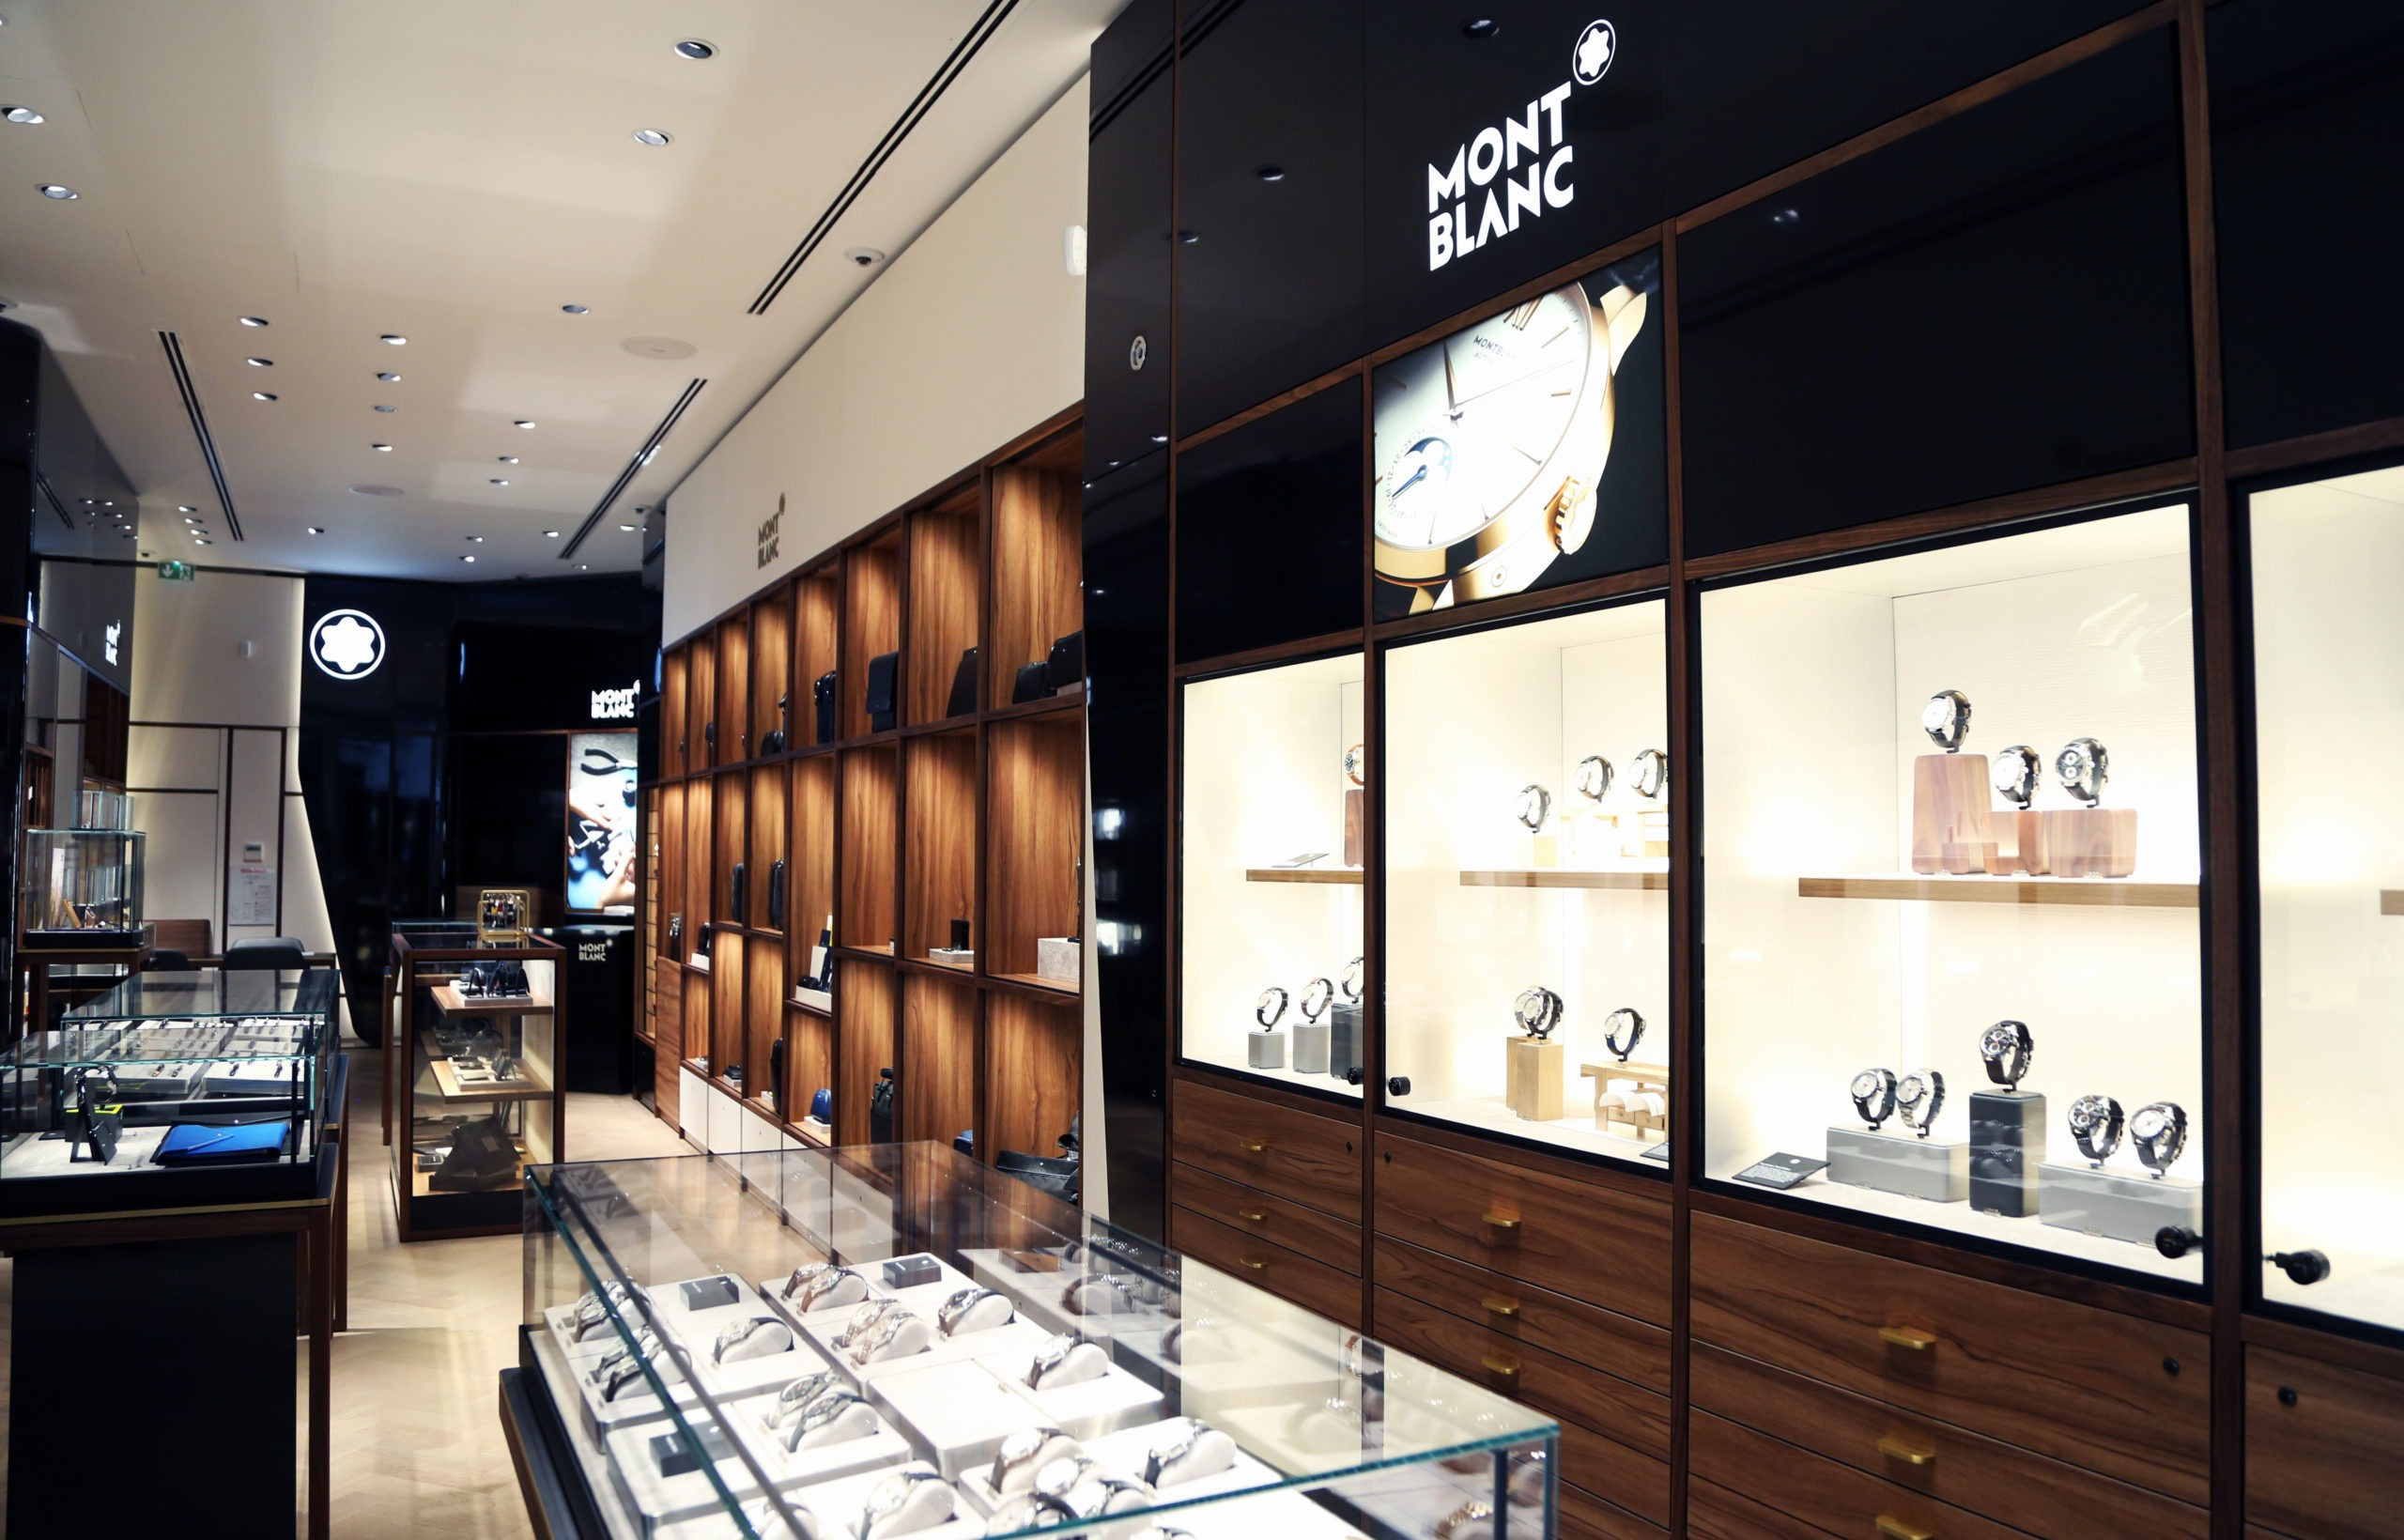 boutique Lyon 2 Montblanc